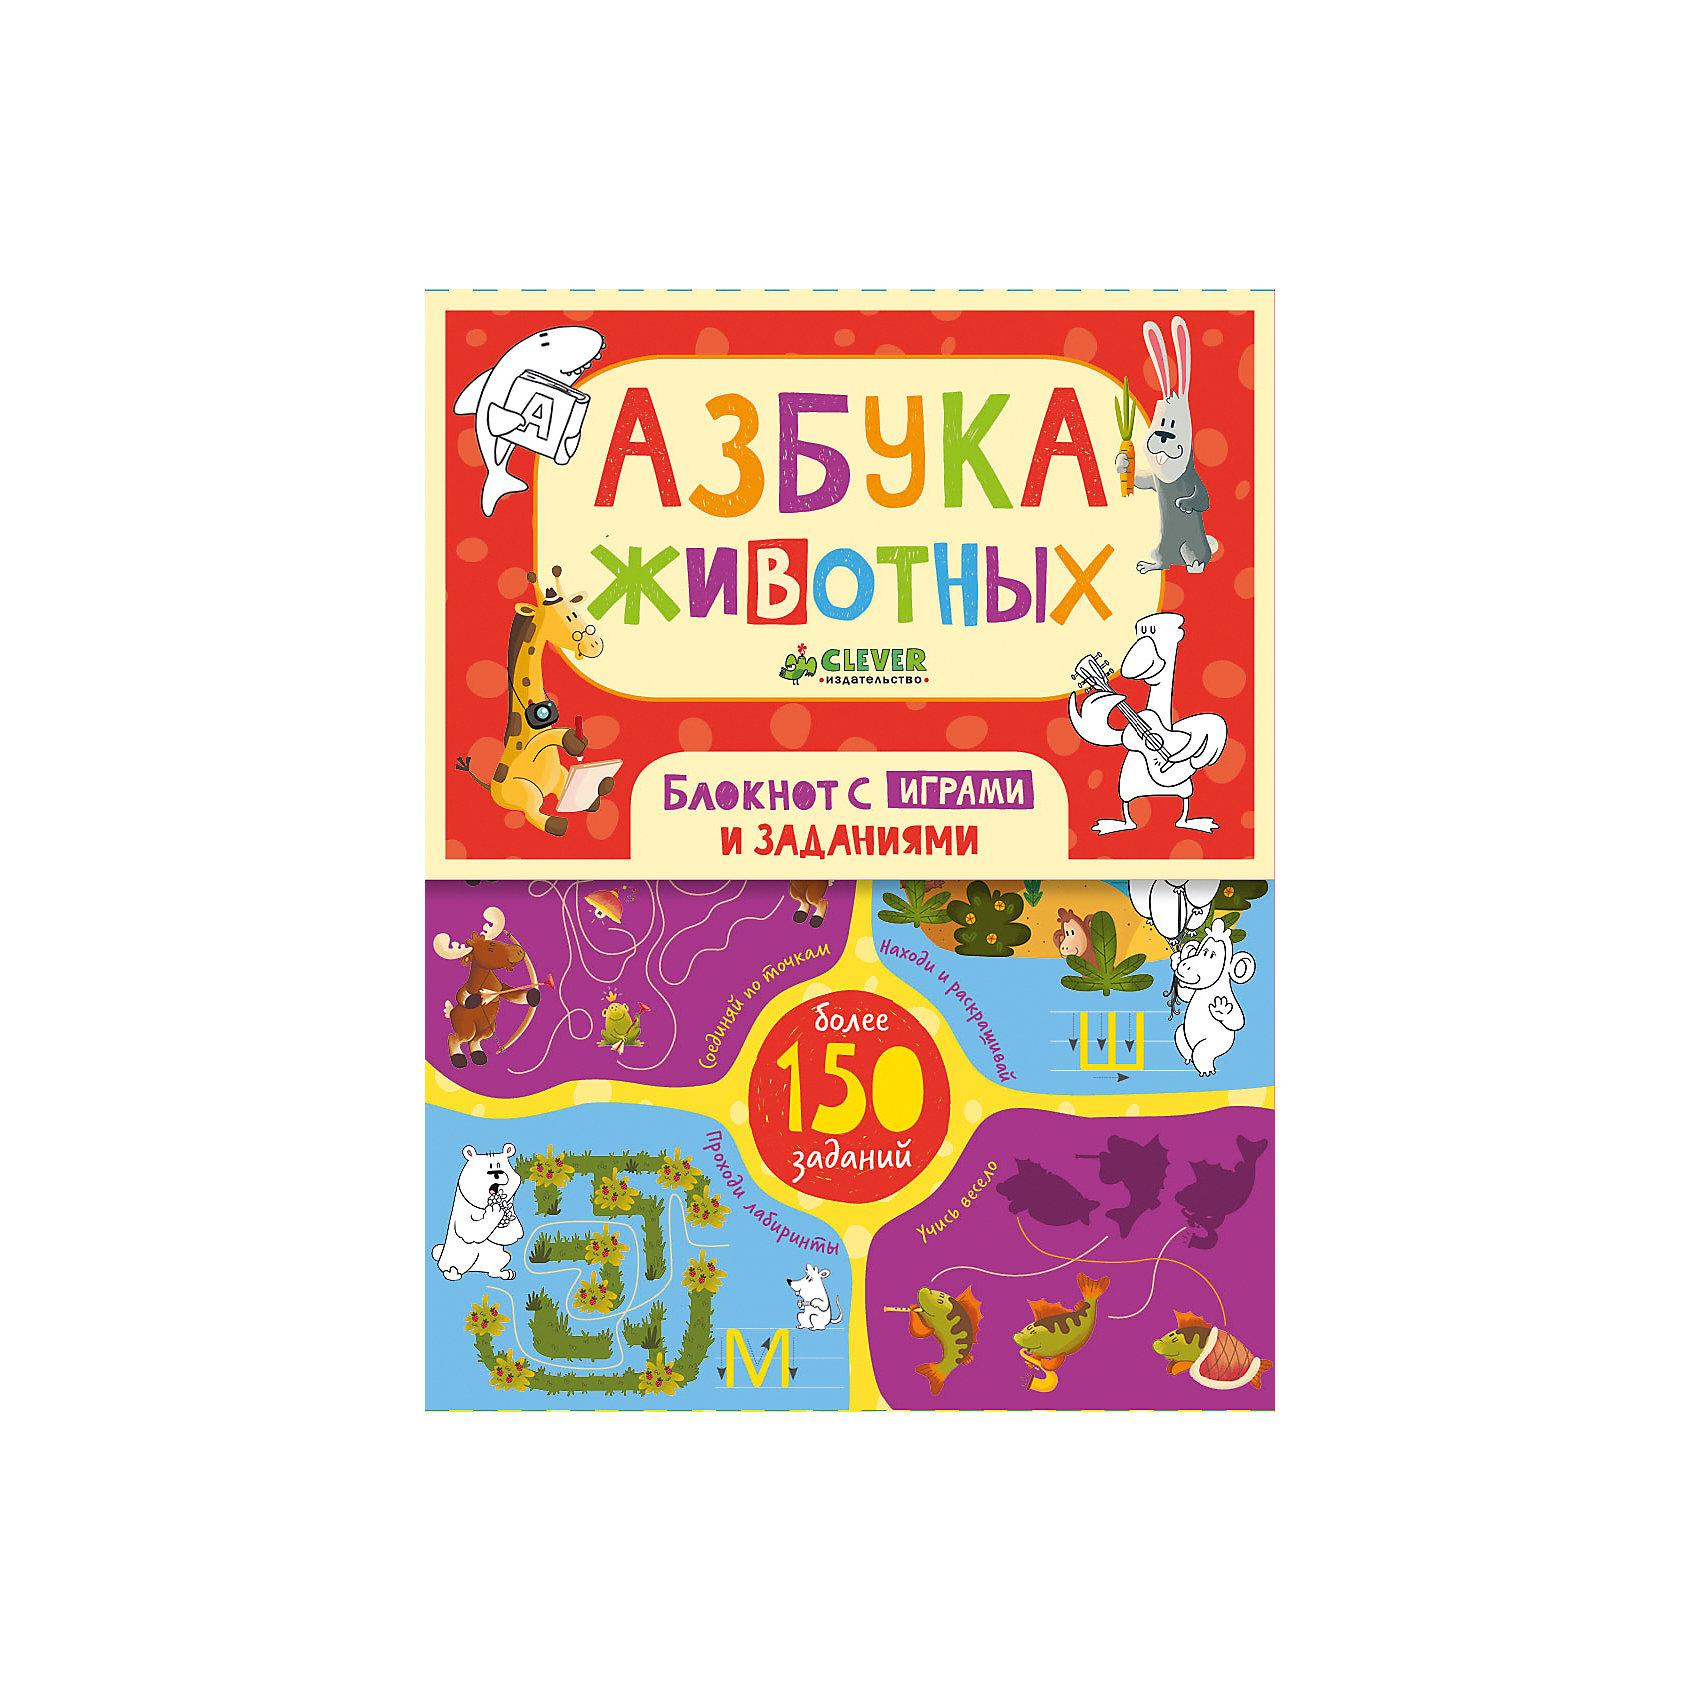 Блокнот с играми и заданиями Азбука животных, Ю. ШигароваПодготовка к школе<br>Блокнот с играми и заданиями Азбука животных, Ю. Шигарова<br><br>Характеристики:<br><br>• ISBN: 978-5-906899-73-6<br>• Кол-во страниц: 64<br>• Возраст: 3-5 лет<br>• Формат: а4<br>• Размер книги: 189x145x6 мм<br>• Бумага: офсет<br>• Вес: 136 г<br>• Обложка: мягкая<br><br>Эта замечательная книга позволит превратить обучение вашего ребенка алфавиту в увлекательную игру! Интересные задания, прописи, игры и лабиринты – все это можно найти в этом красочном блокноте. Занимаясь по этой книге, ваш ребенок сможет выучить алфавит, расширить словарный запас, развить логическое мышление, а так же память и воображение. Приведенные в книге задания рассчитаны на развитие у детей мелкой моторики, координации движений, умение правильно держать карандаш. <br><br>Блокнот с играми и заданиями Азбука животных, Ю. Шигарова можно купить в нашем интернет-магазине.<br><br>Ширина мм: 186<br>Глубина мм: 144<br>Высота мм: 8<br>Вес г: 136<br>Возраст от месяцев: 48<br>Возраст до месяцев: 72<br>Пол: Унисекс<br>Возраст: Детский<br>SKU: 5377757